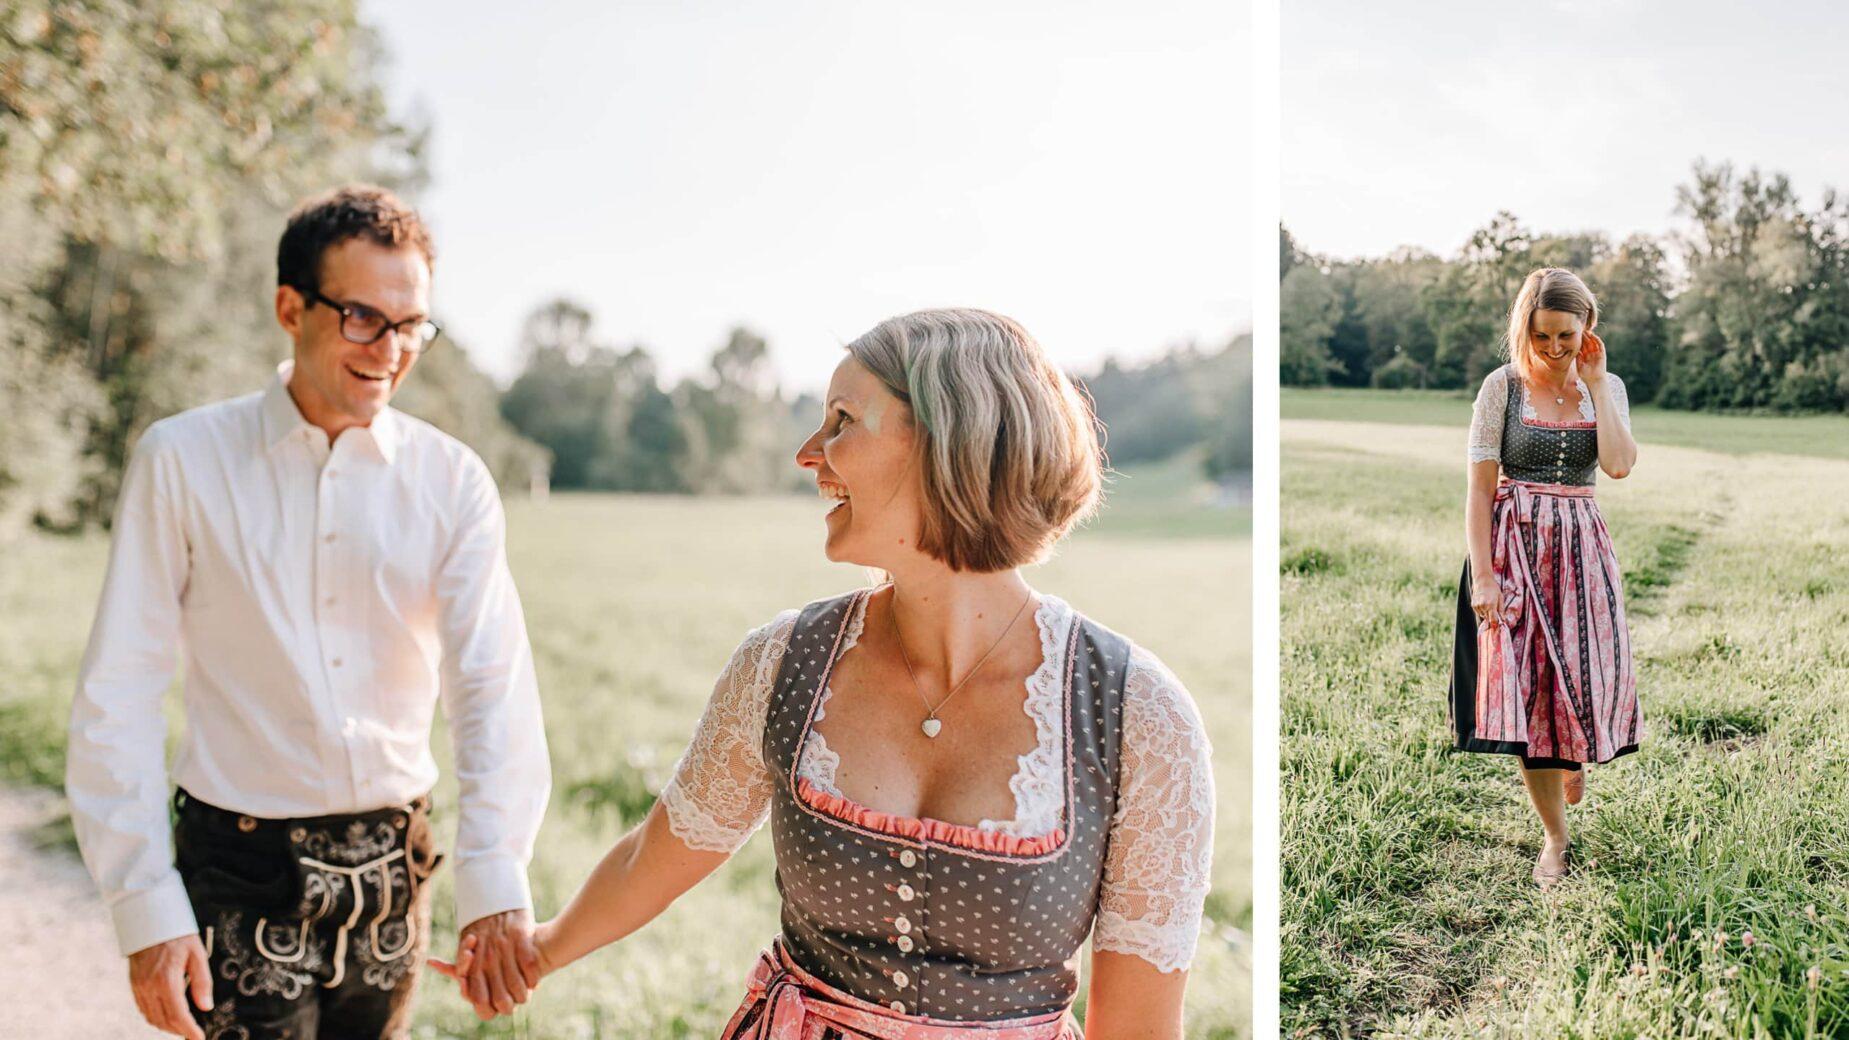 Pärchenfotos im Großraum München und Ingolstadt, Engagementshoot im Grünen